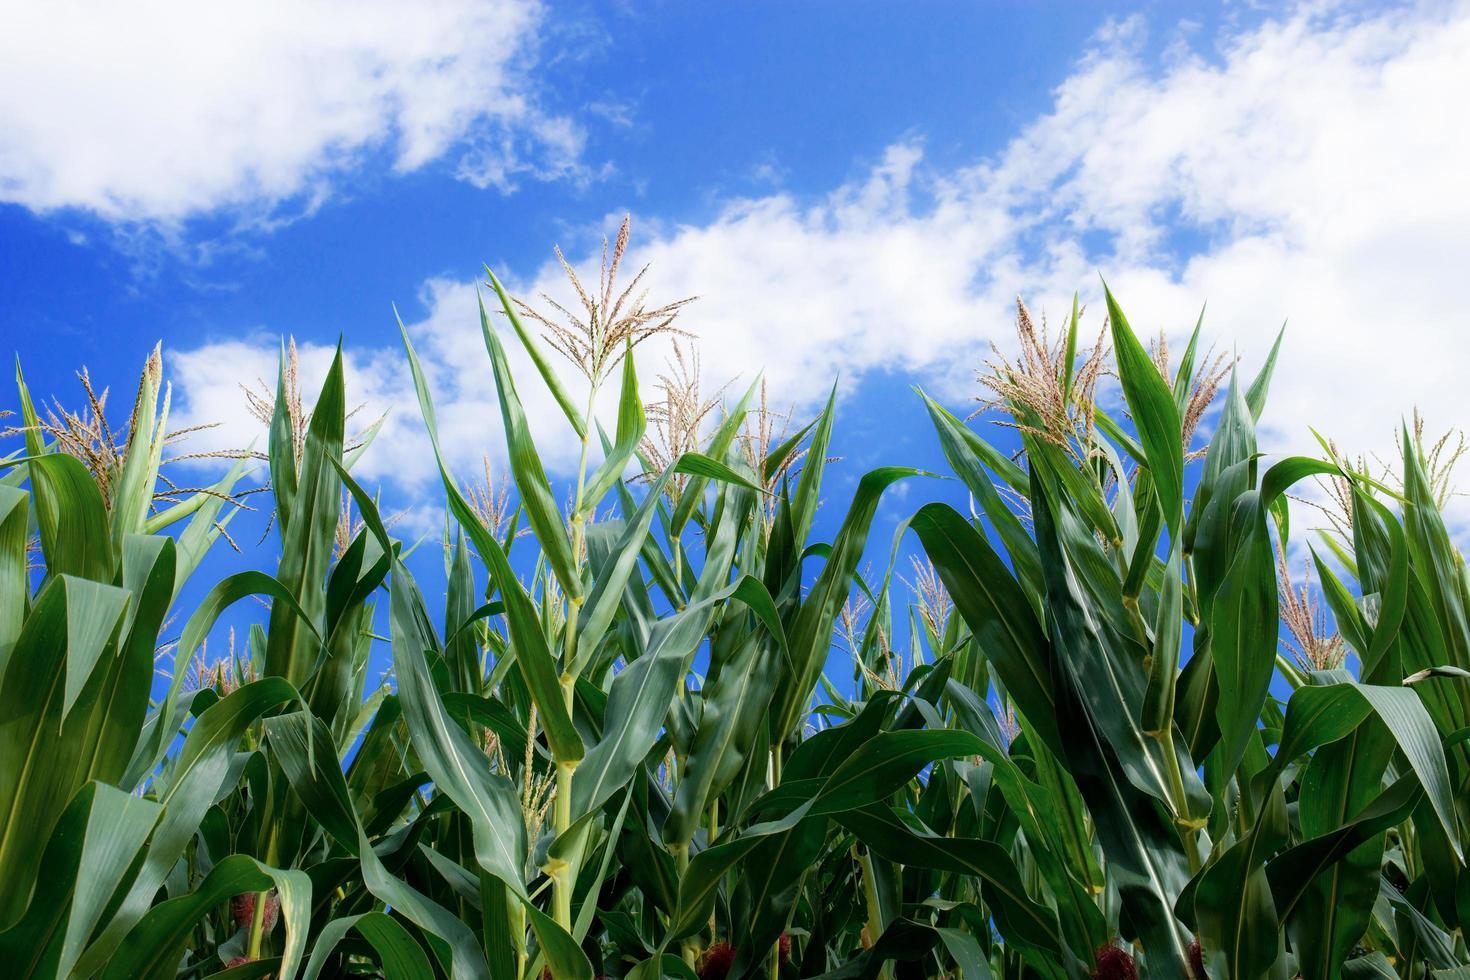 majsväxter på blå himmel. foto